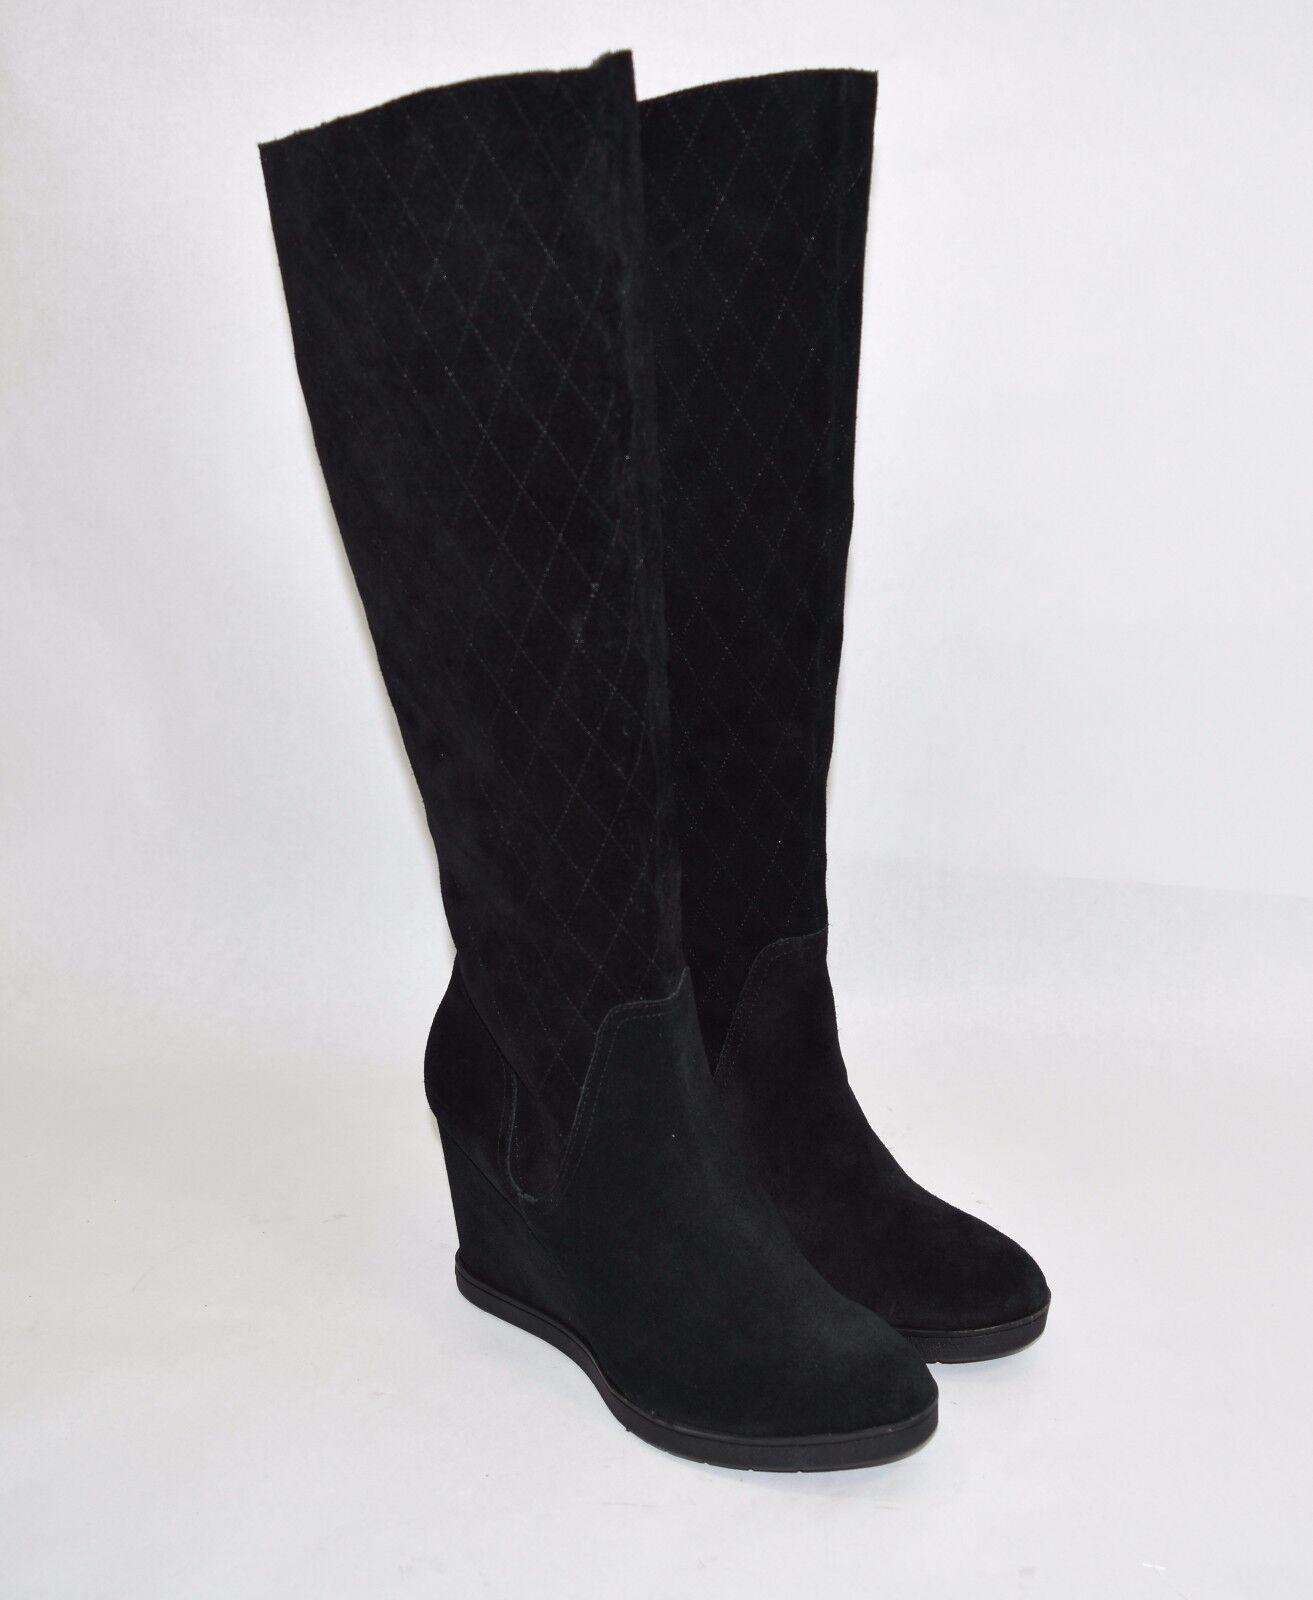 negozio di sconto New  Donald J Pliner 'Cadi' 'Cadi' 'Cadi' Quilted-Suede Knee avvio Wedge nero Dimensione 9.5M  nuovo di marca